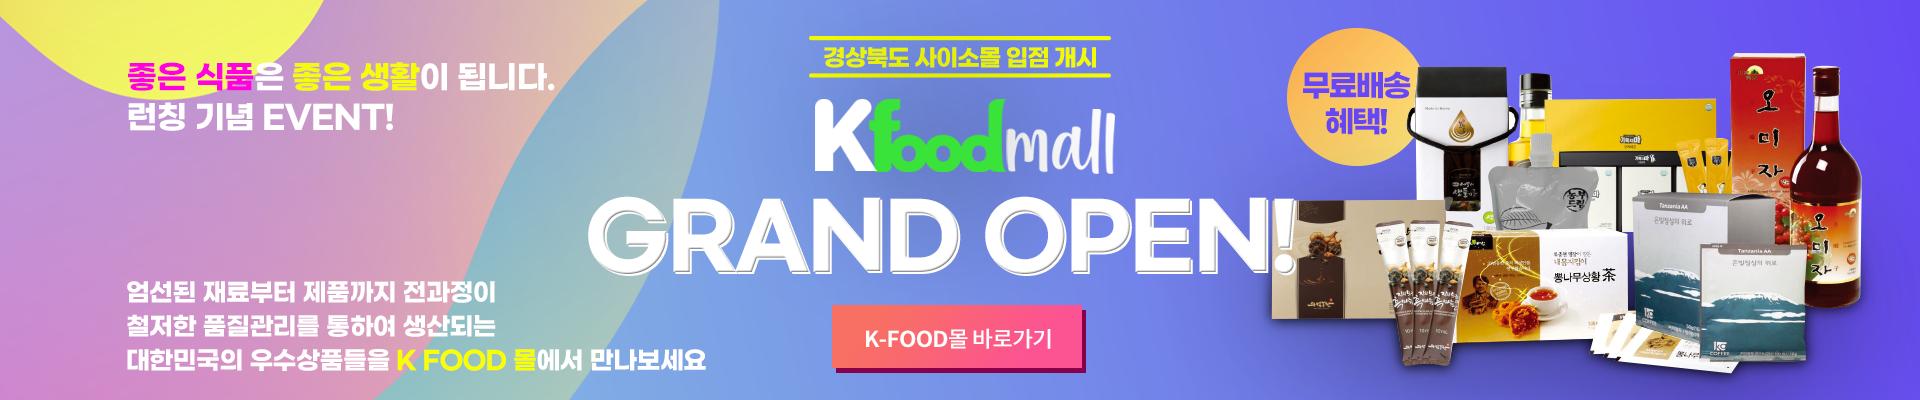 KFood몰 GRAND OPEN